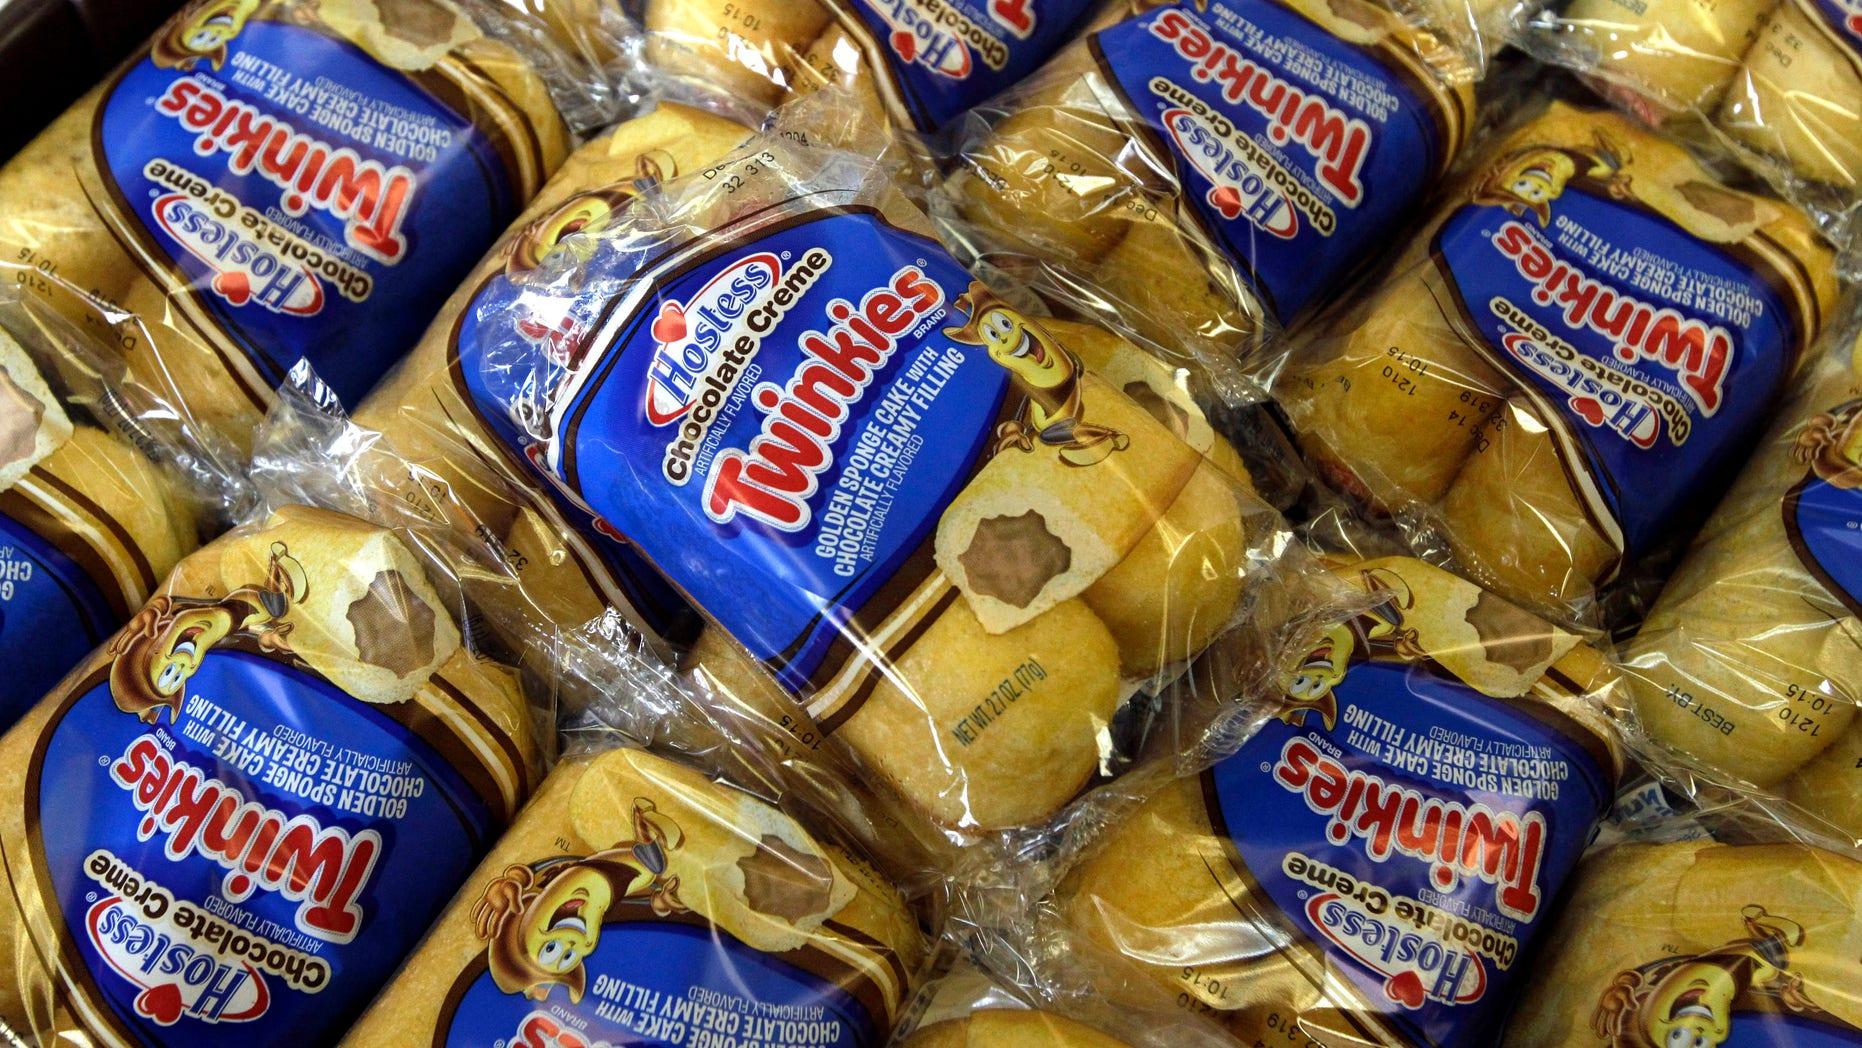 Foto de pastelitos Twinkies a la venta en una panadería de Hostess Brands en Denver, Colorado.(Foto AP/Brennan Linsley)